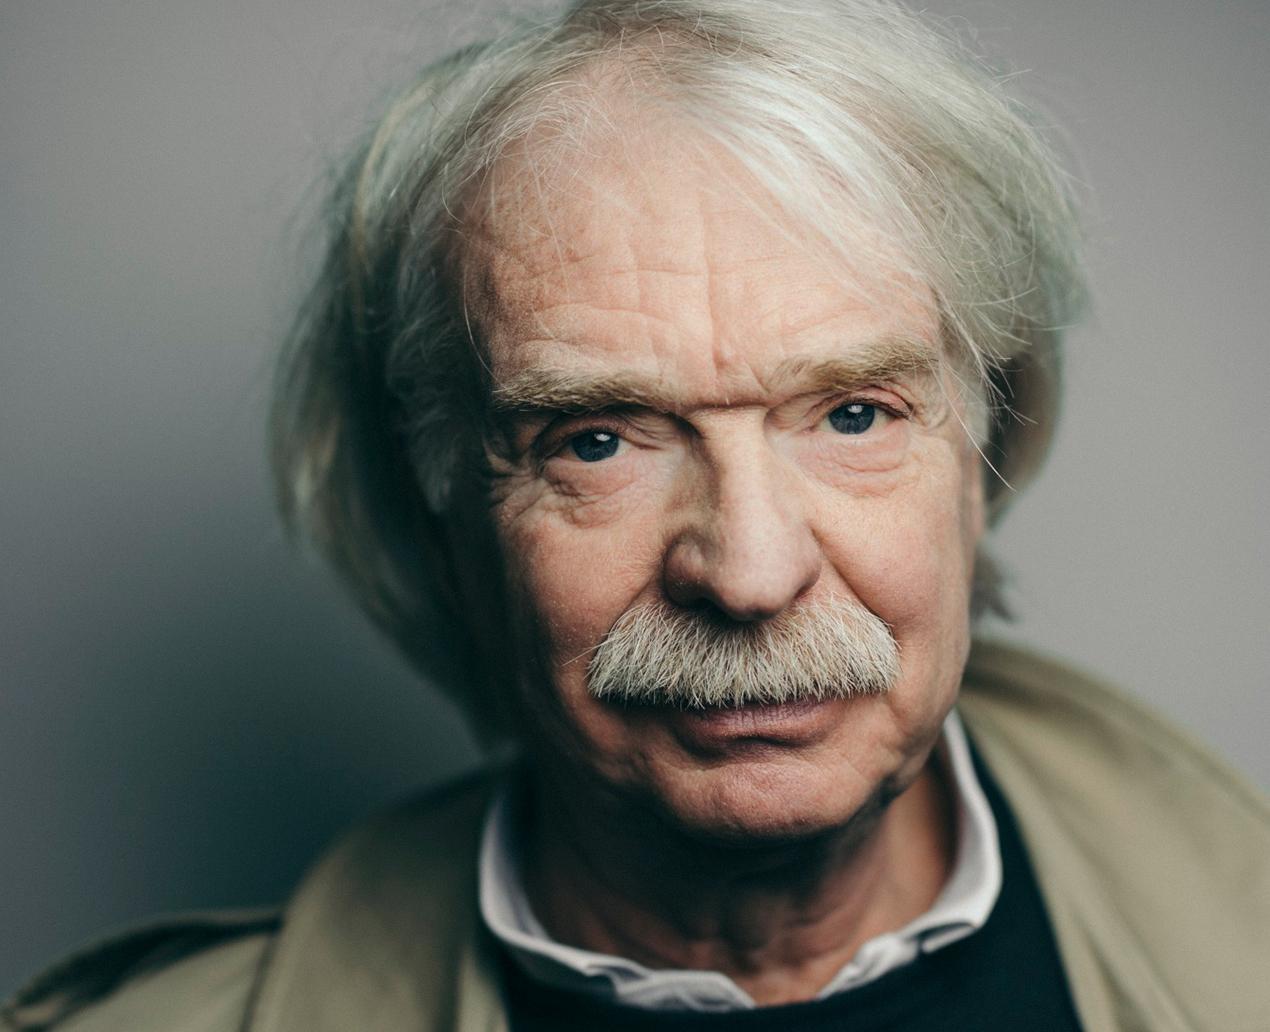 Axel Petermann (c)Thomas Dashuber